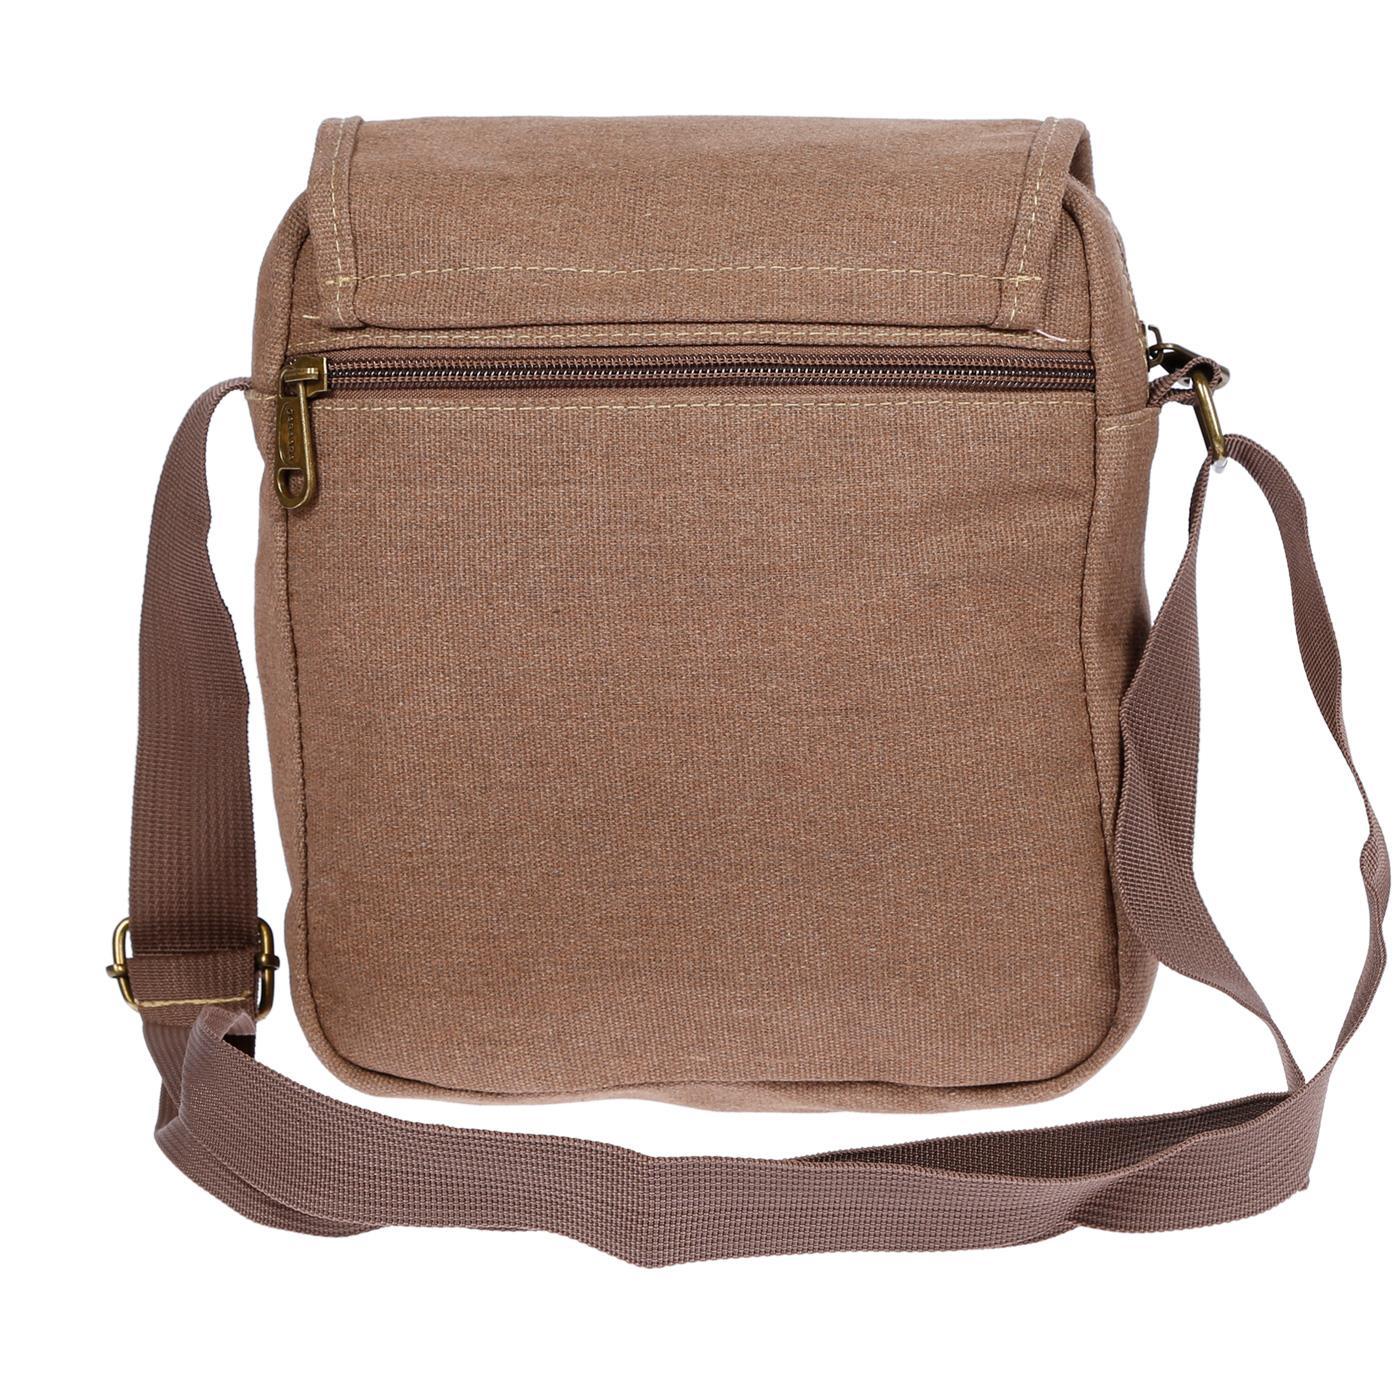 Damen-Herren-Tasche-Canvas-Umhaengetasche-Schultertasche-Crossover-Bag-Handtasche Indexbild 24